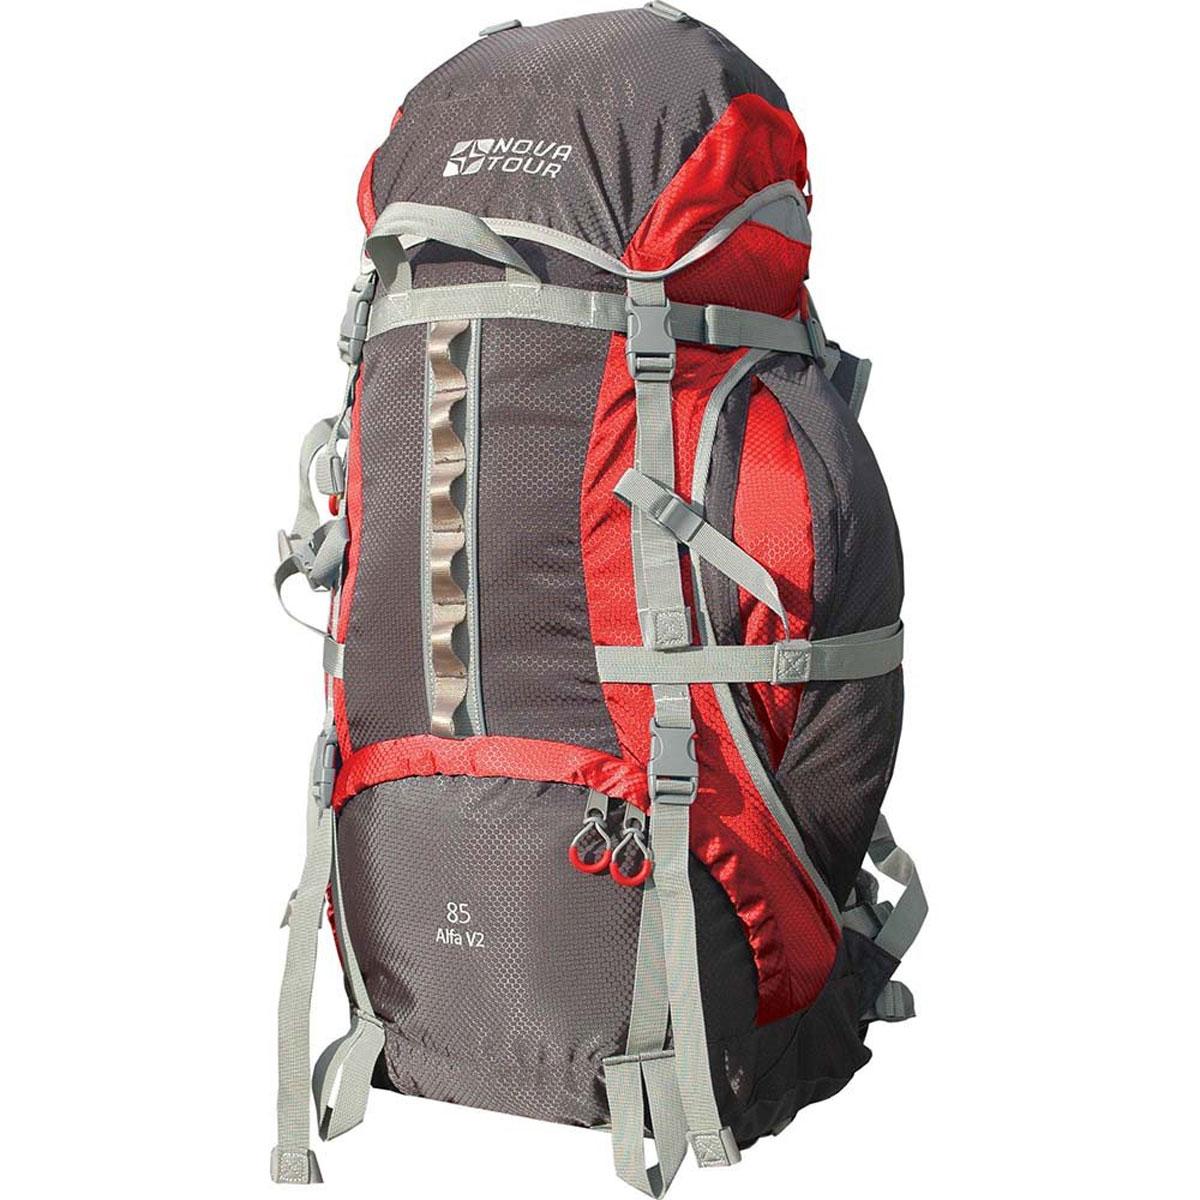 Рюкзак Nova Tour Альфа 85 V2, цвет: серый, красный. 95312-057-00 рюкзак туристический nova tour дельта 75 v2 цвет серый оливковый 12463 560 00